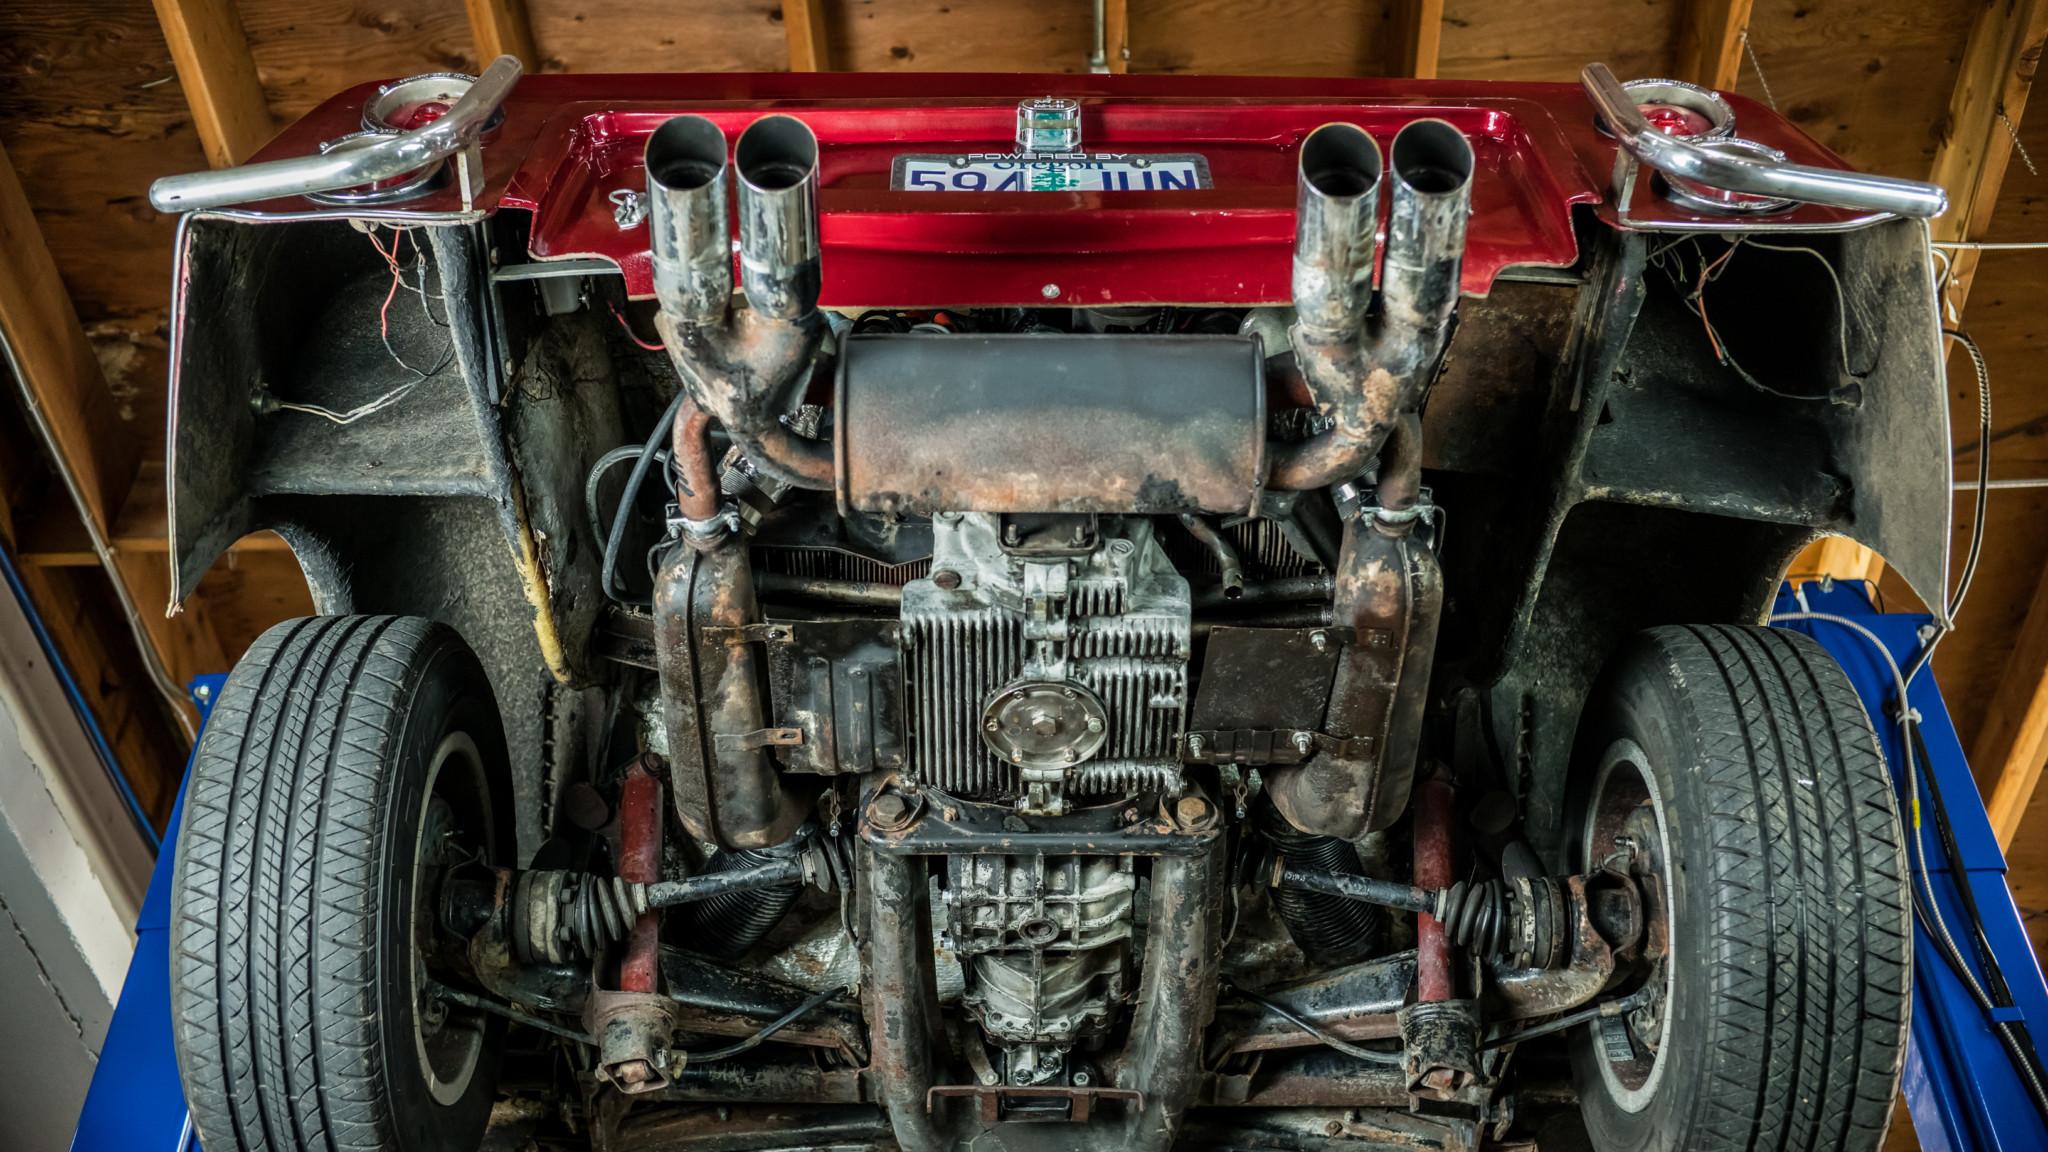 Bradley GT underside